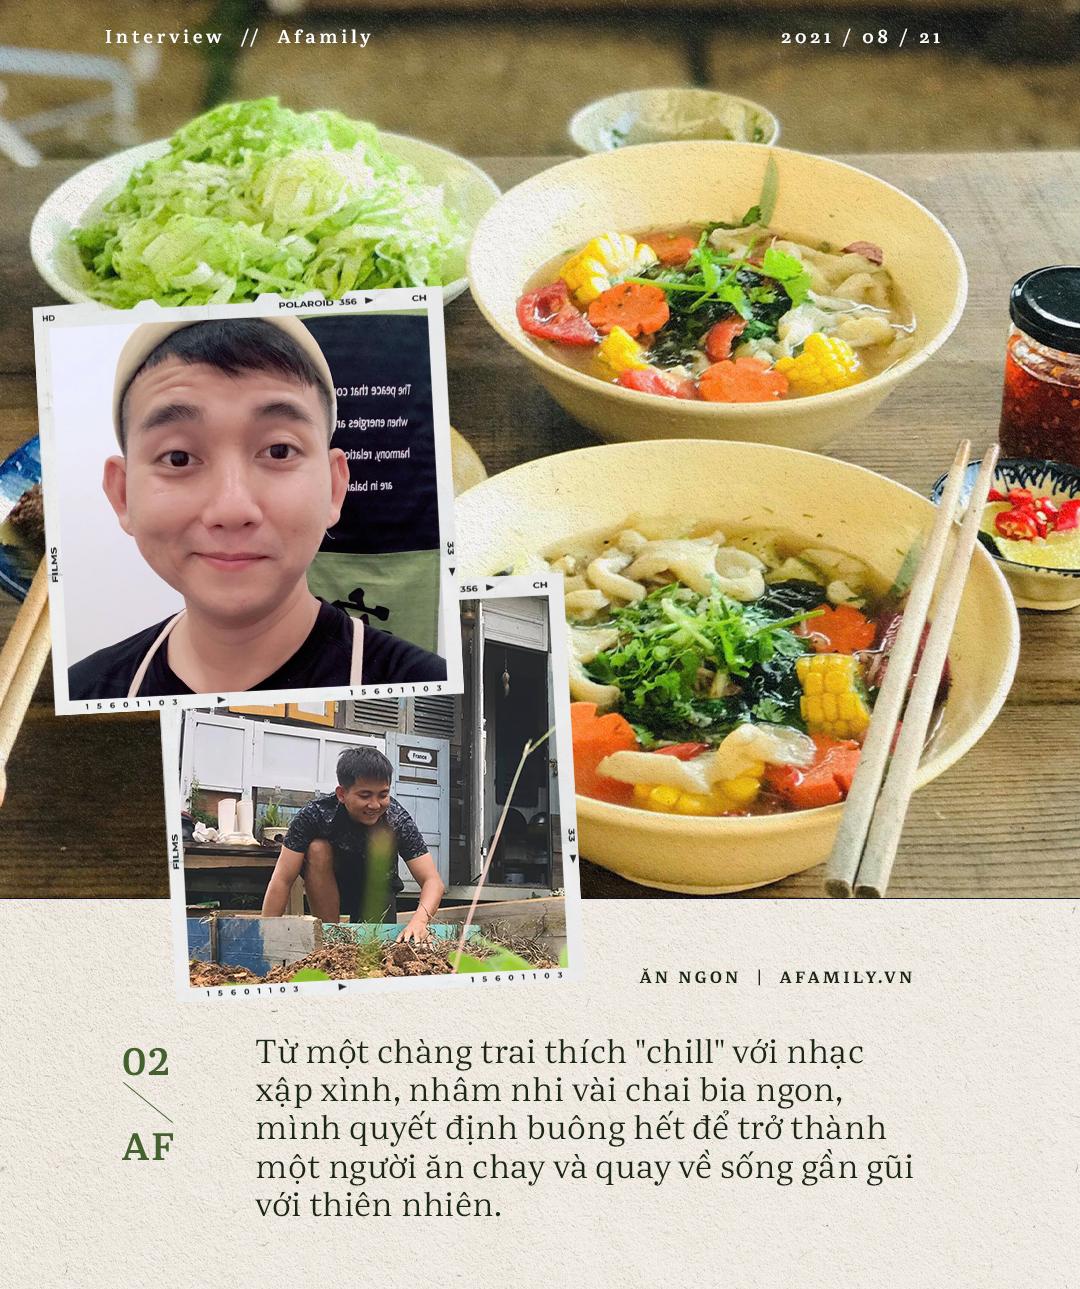 Ngày Vu Lan, gặp trai đẹp làm kiến trúc sư bỏ phố thị về sống gần gũi thiên nhiên, chuyển sang ăn chay và tự trồng rau  - Ảnh 2.